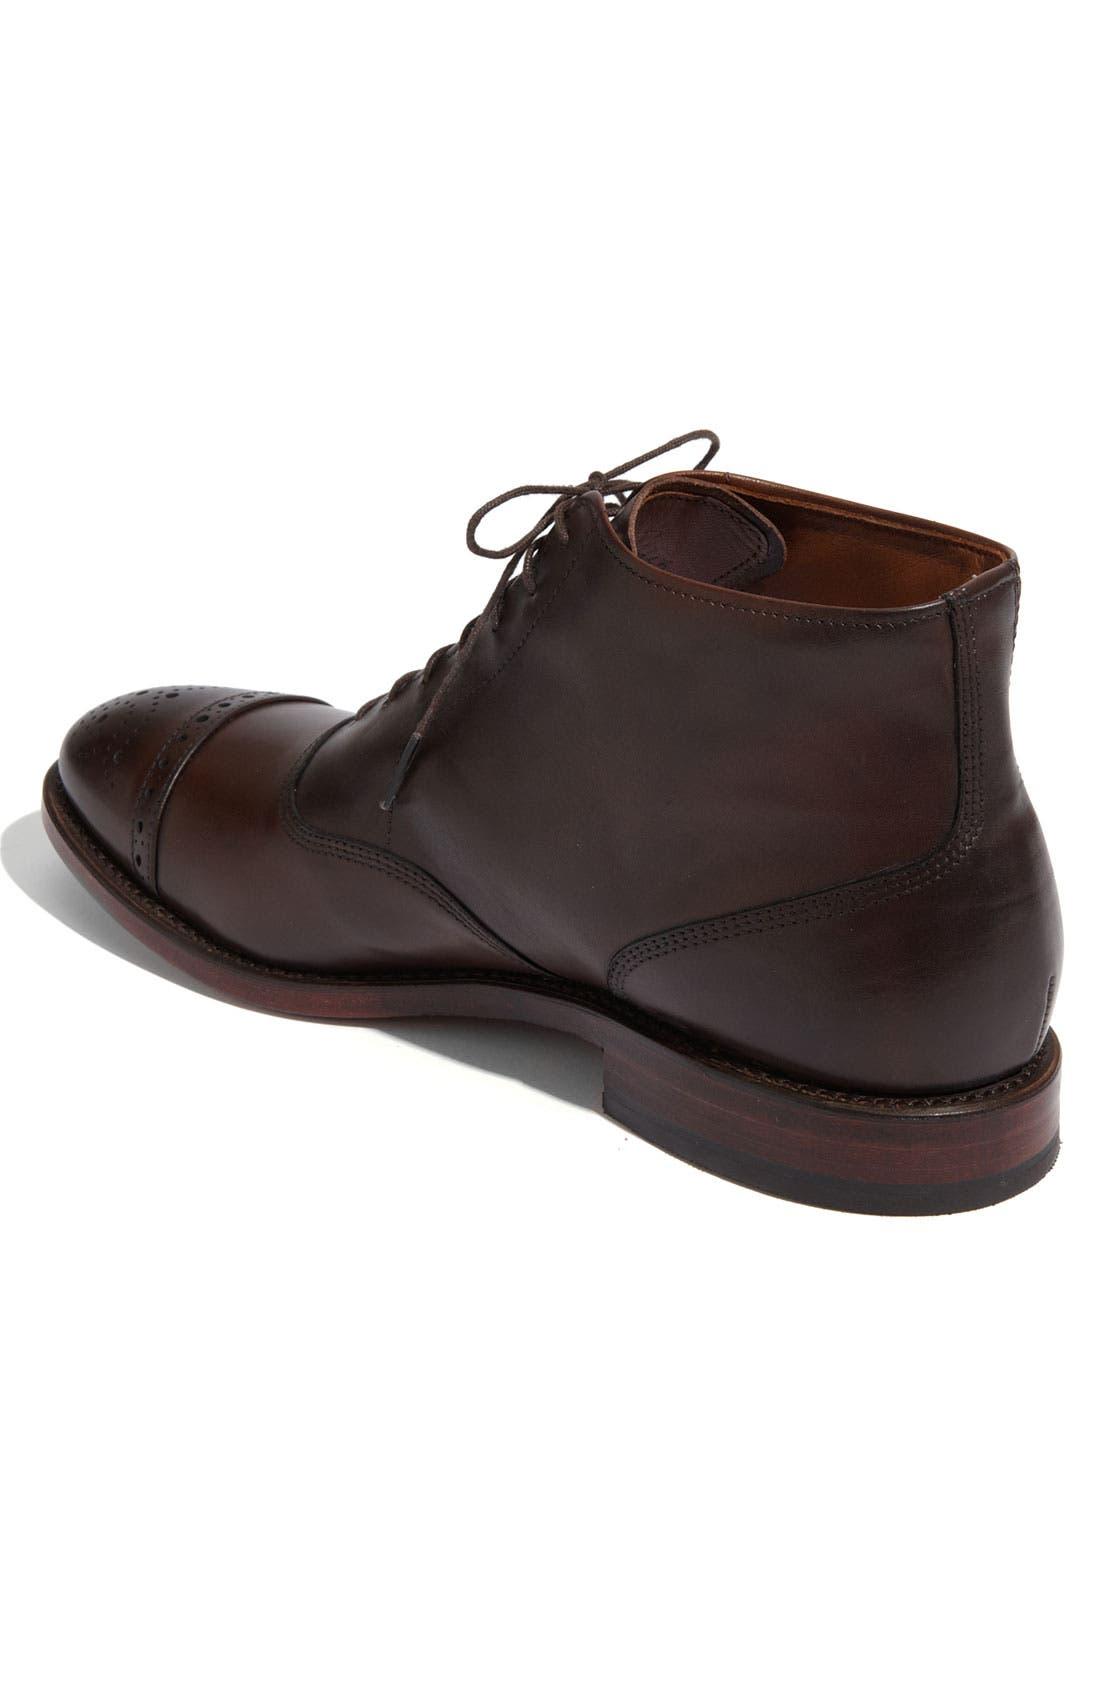 Alternate Image 2  - Allen Edmonds 'Fifth Street' Boot (Men)